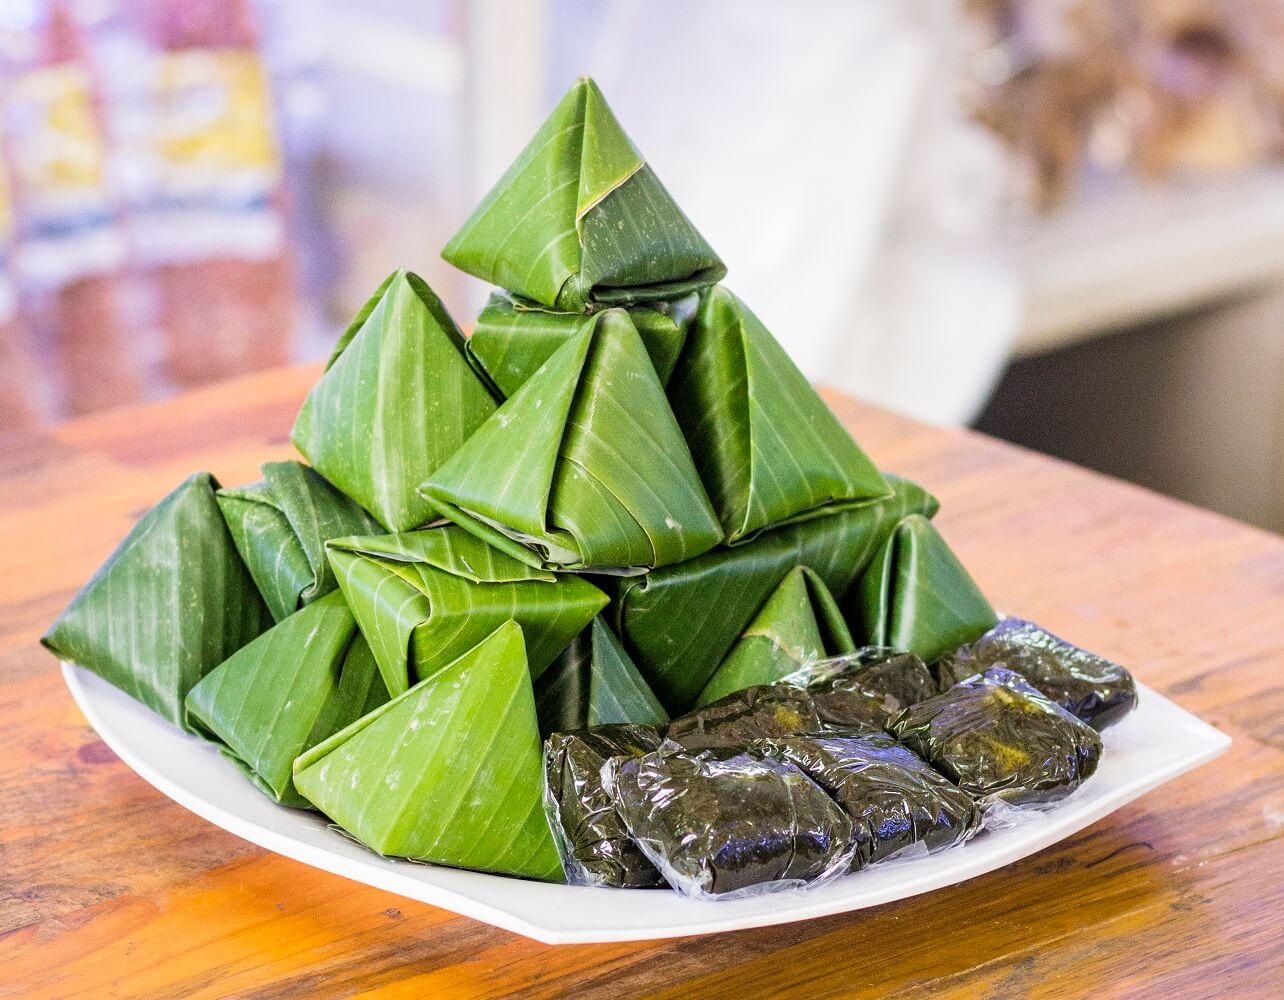 Mua quà gì khi du lịch Quy Nhơn Phú Yên tự túc